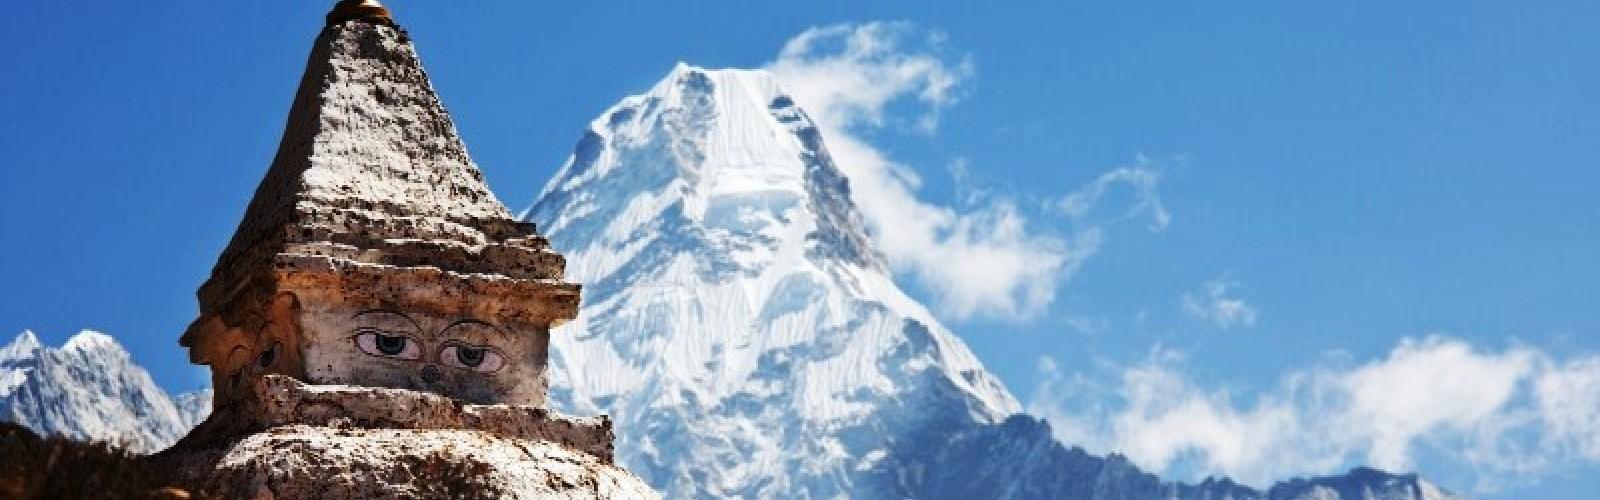 La danza dell'Himalaya